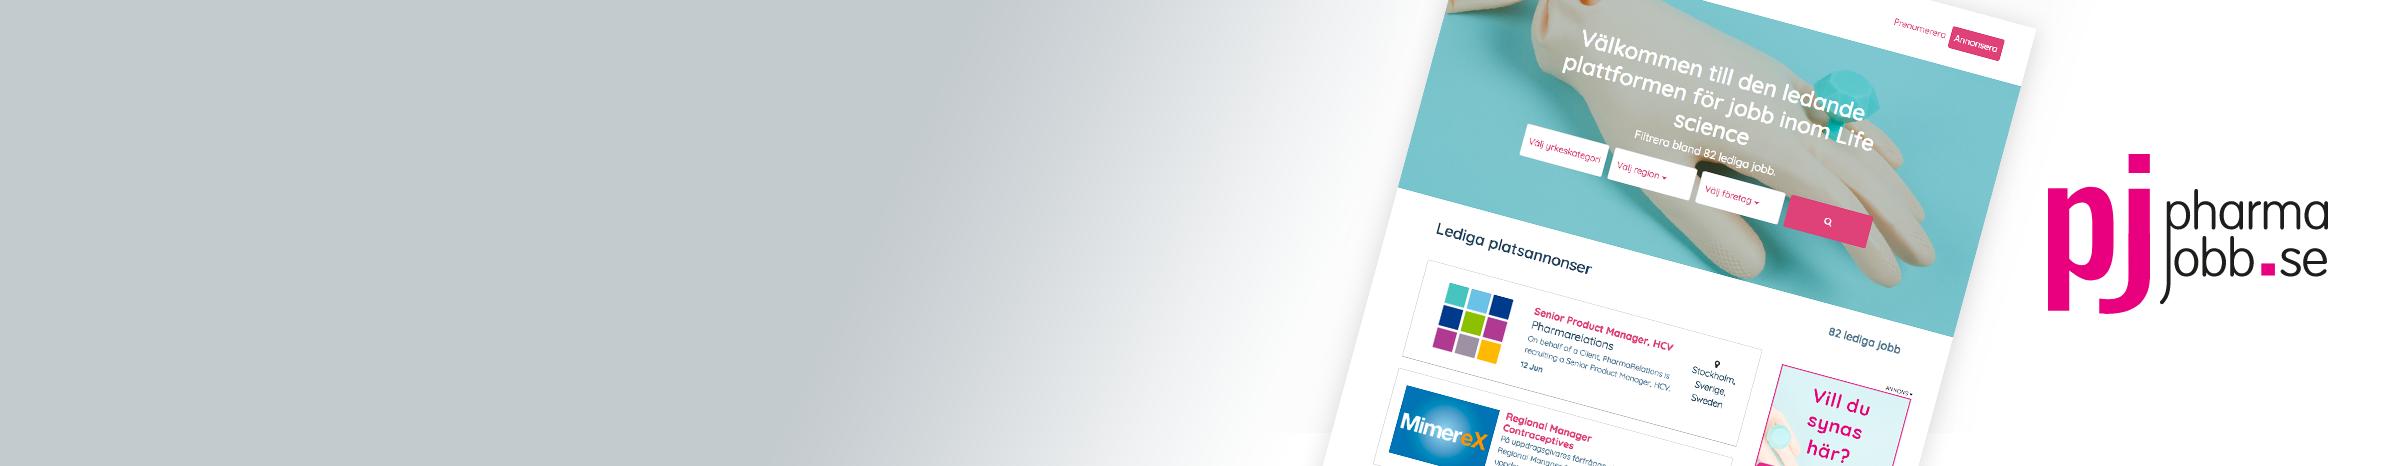 Håll dig uppdaterad på de senaste lediga tjänsterna inom Life Science på Pharmajobb.se